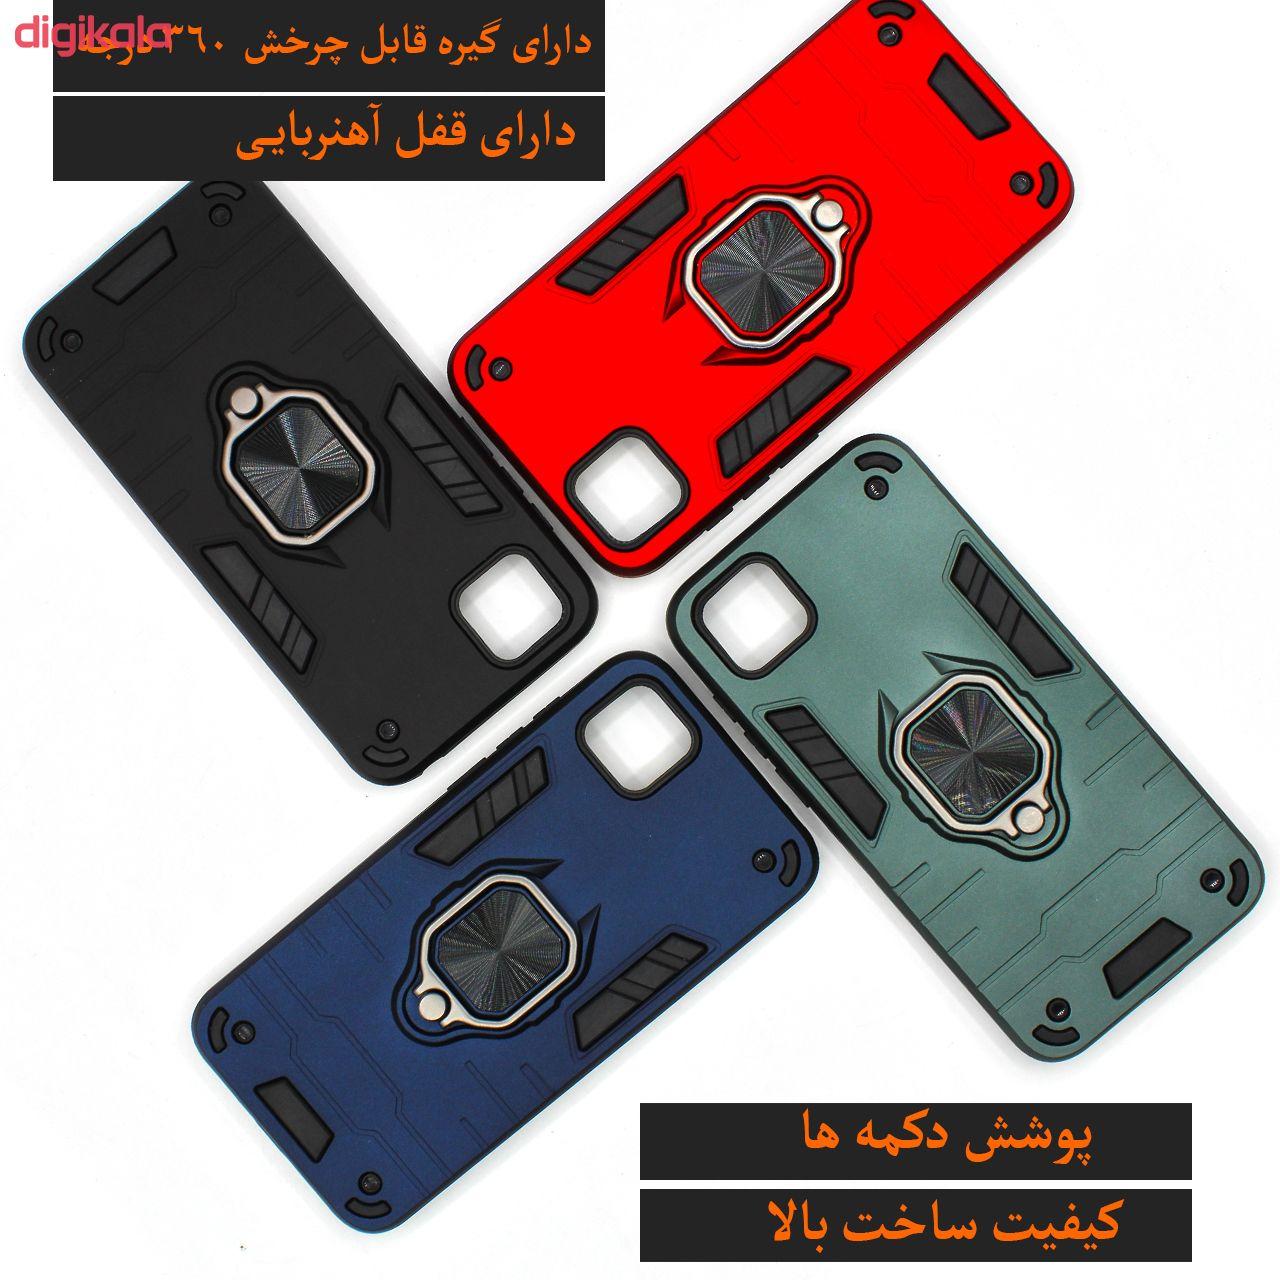 کاور کینگ پاور مدل ASH22 مناسب برای گوشی موبایل هوآوی Y5p / Y5 2020 / آنر 9S main 1 13